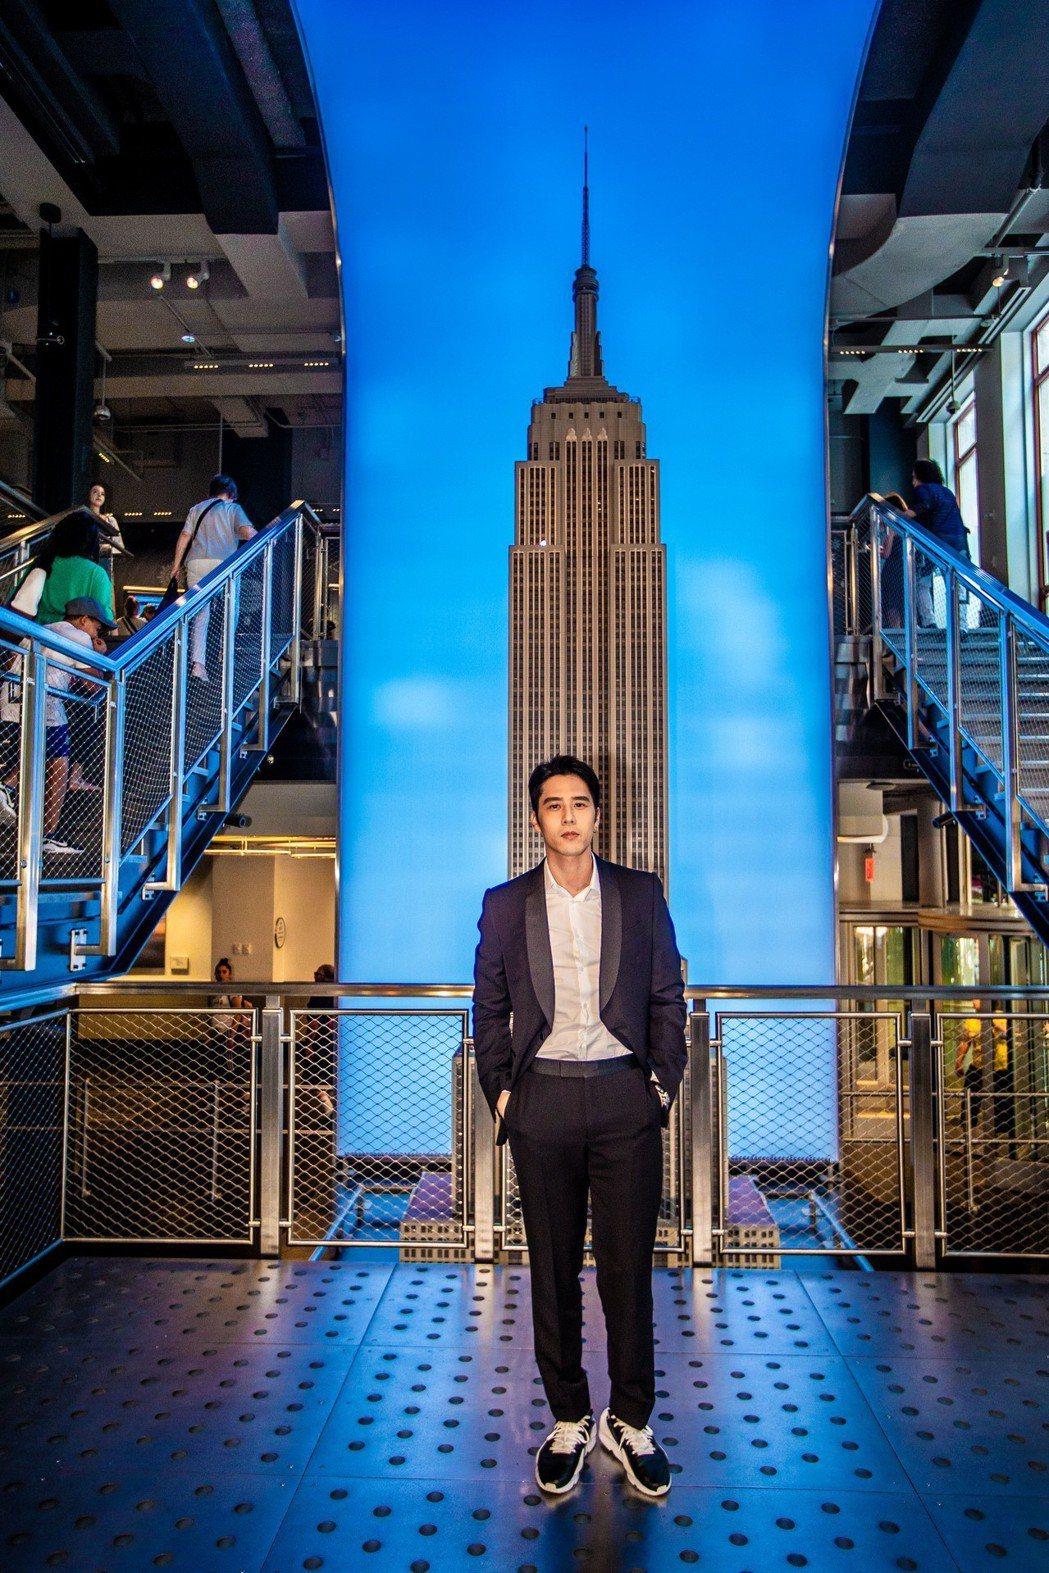 胡宇威以人氣紅星身分受邀走訪紐約帝國大廈。圖/寶麗來國際娛樂提供